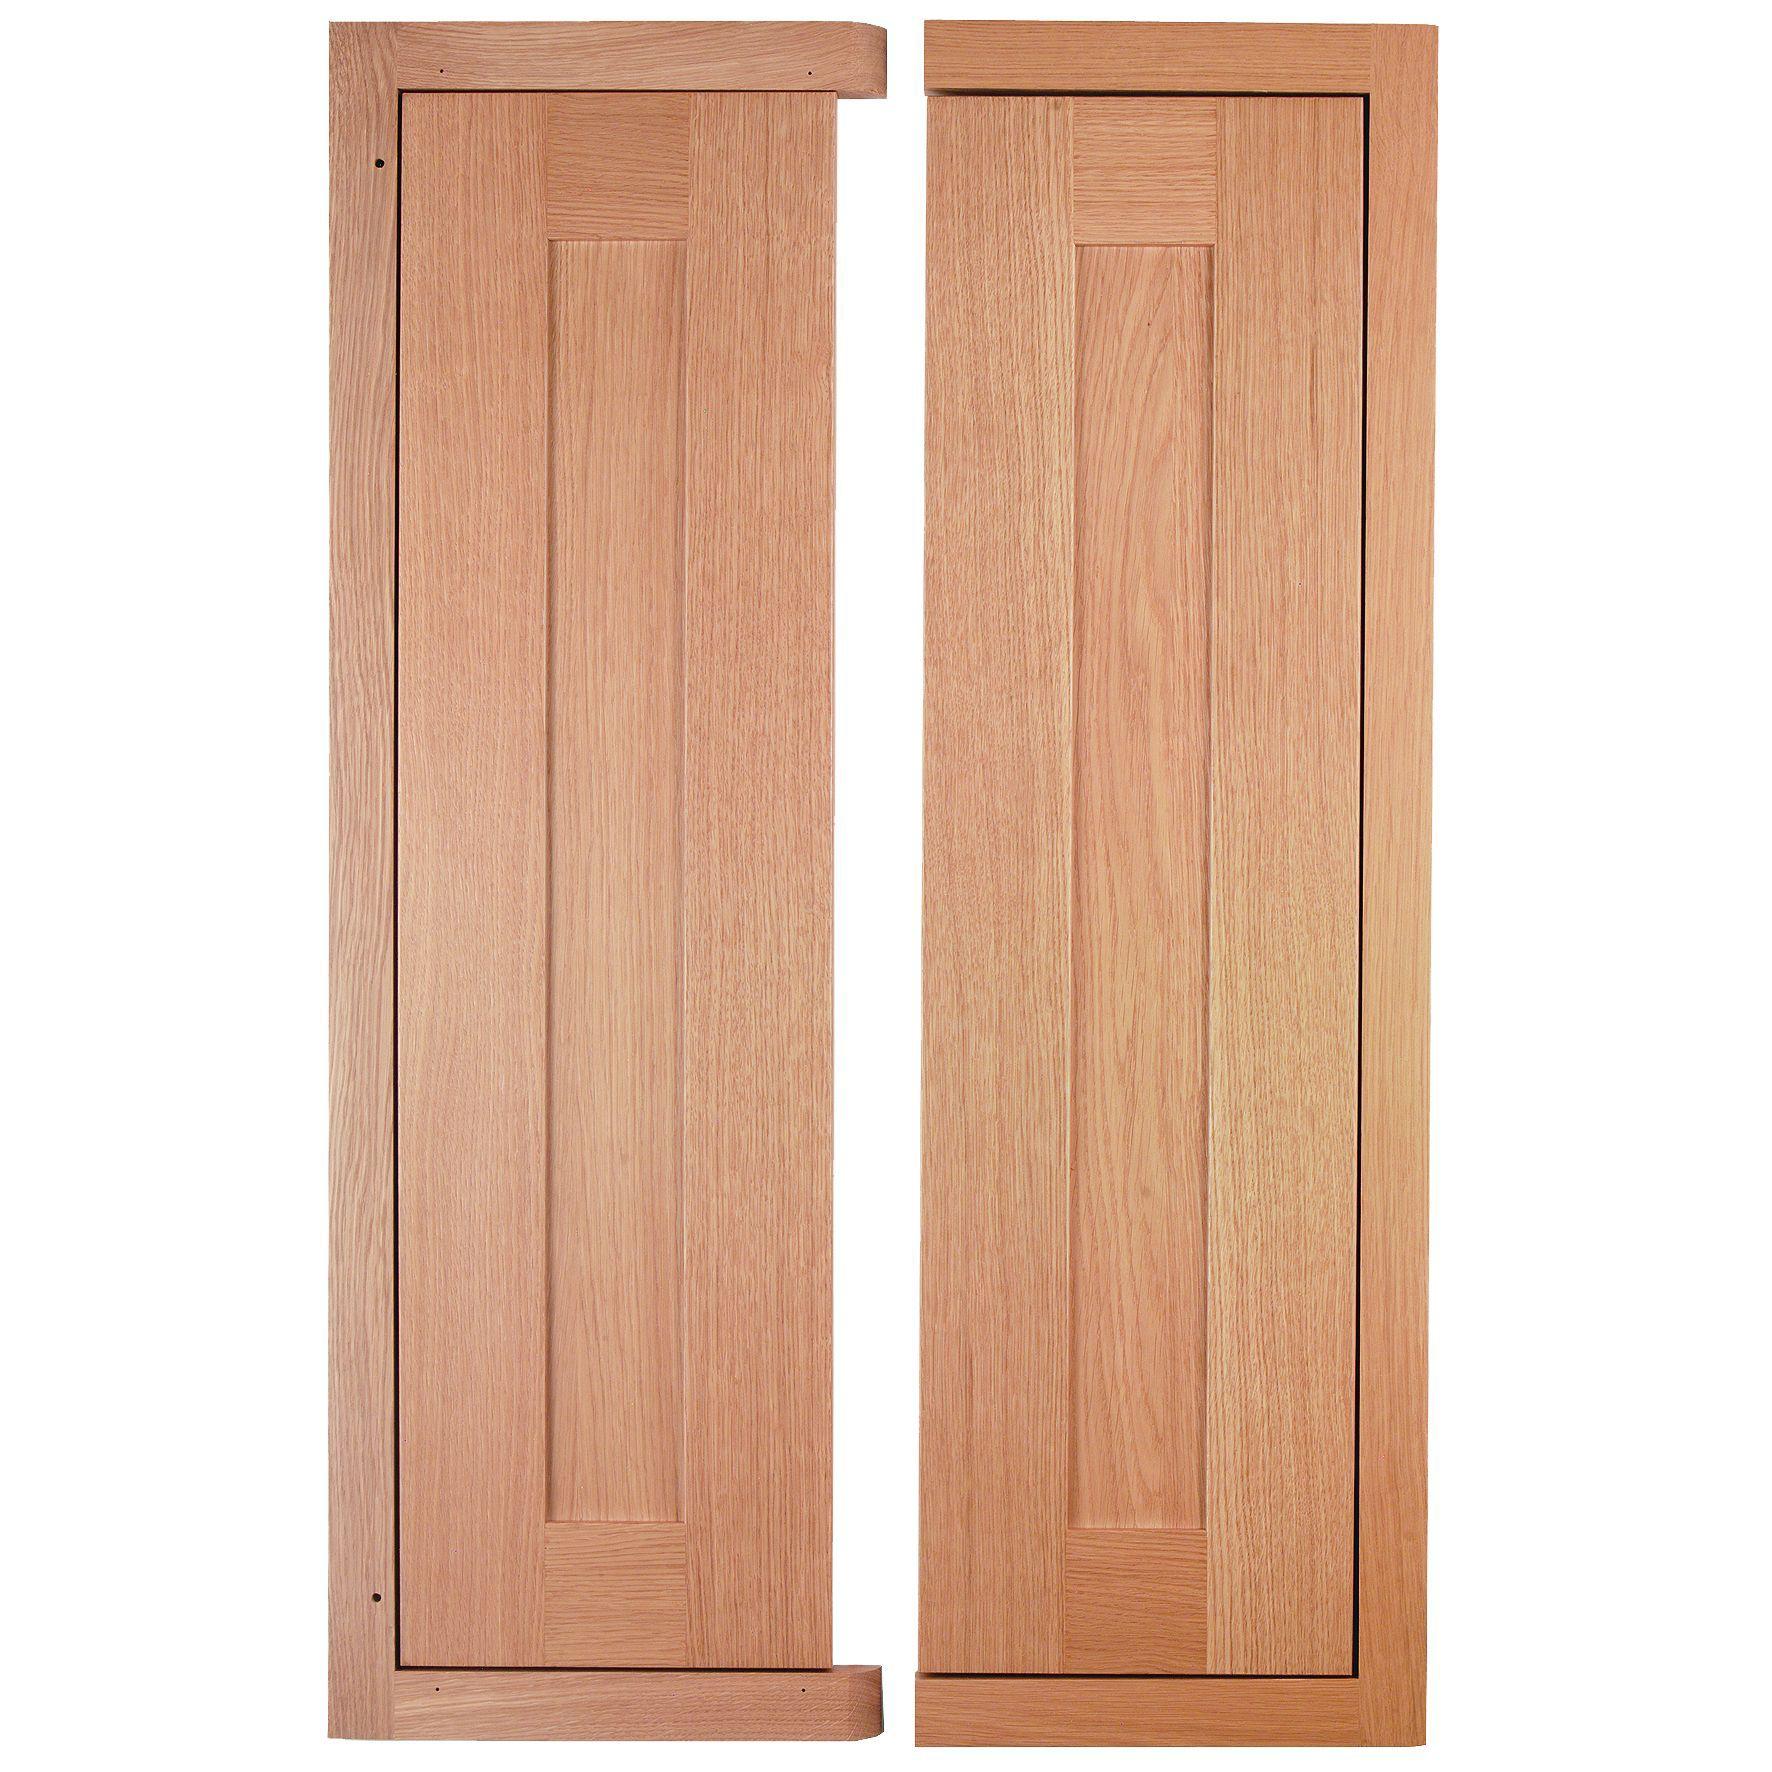 Cooke & Lewis Carisbrooke Oak Framed Corner Wall Door (w)625mm, Set Of 2